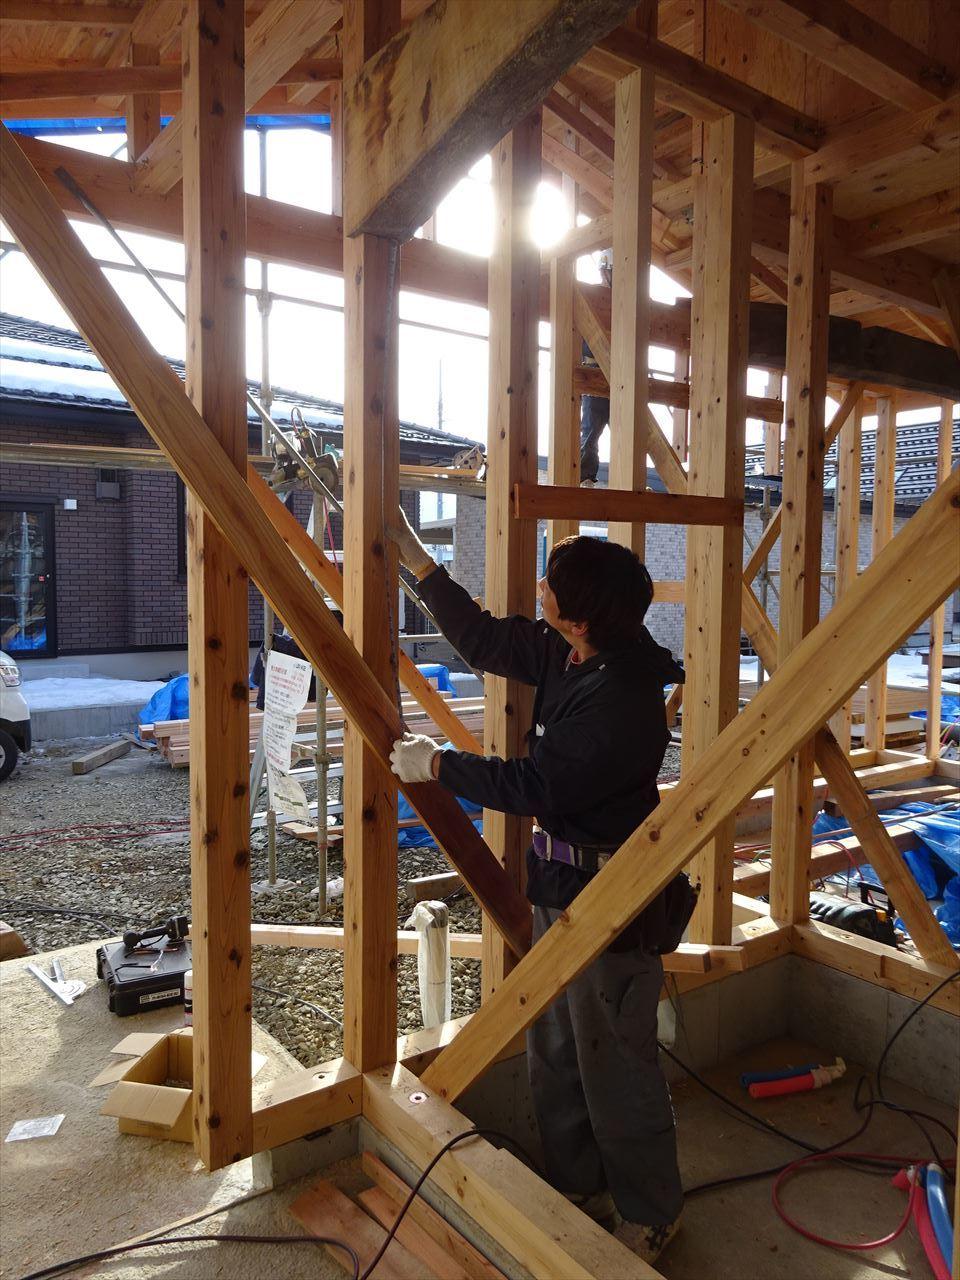 下太田 古材新築の家 建て方作業進行中です。_f0105112_04083031.jpg